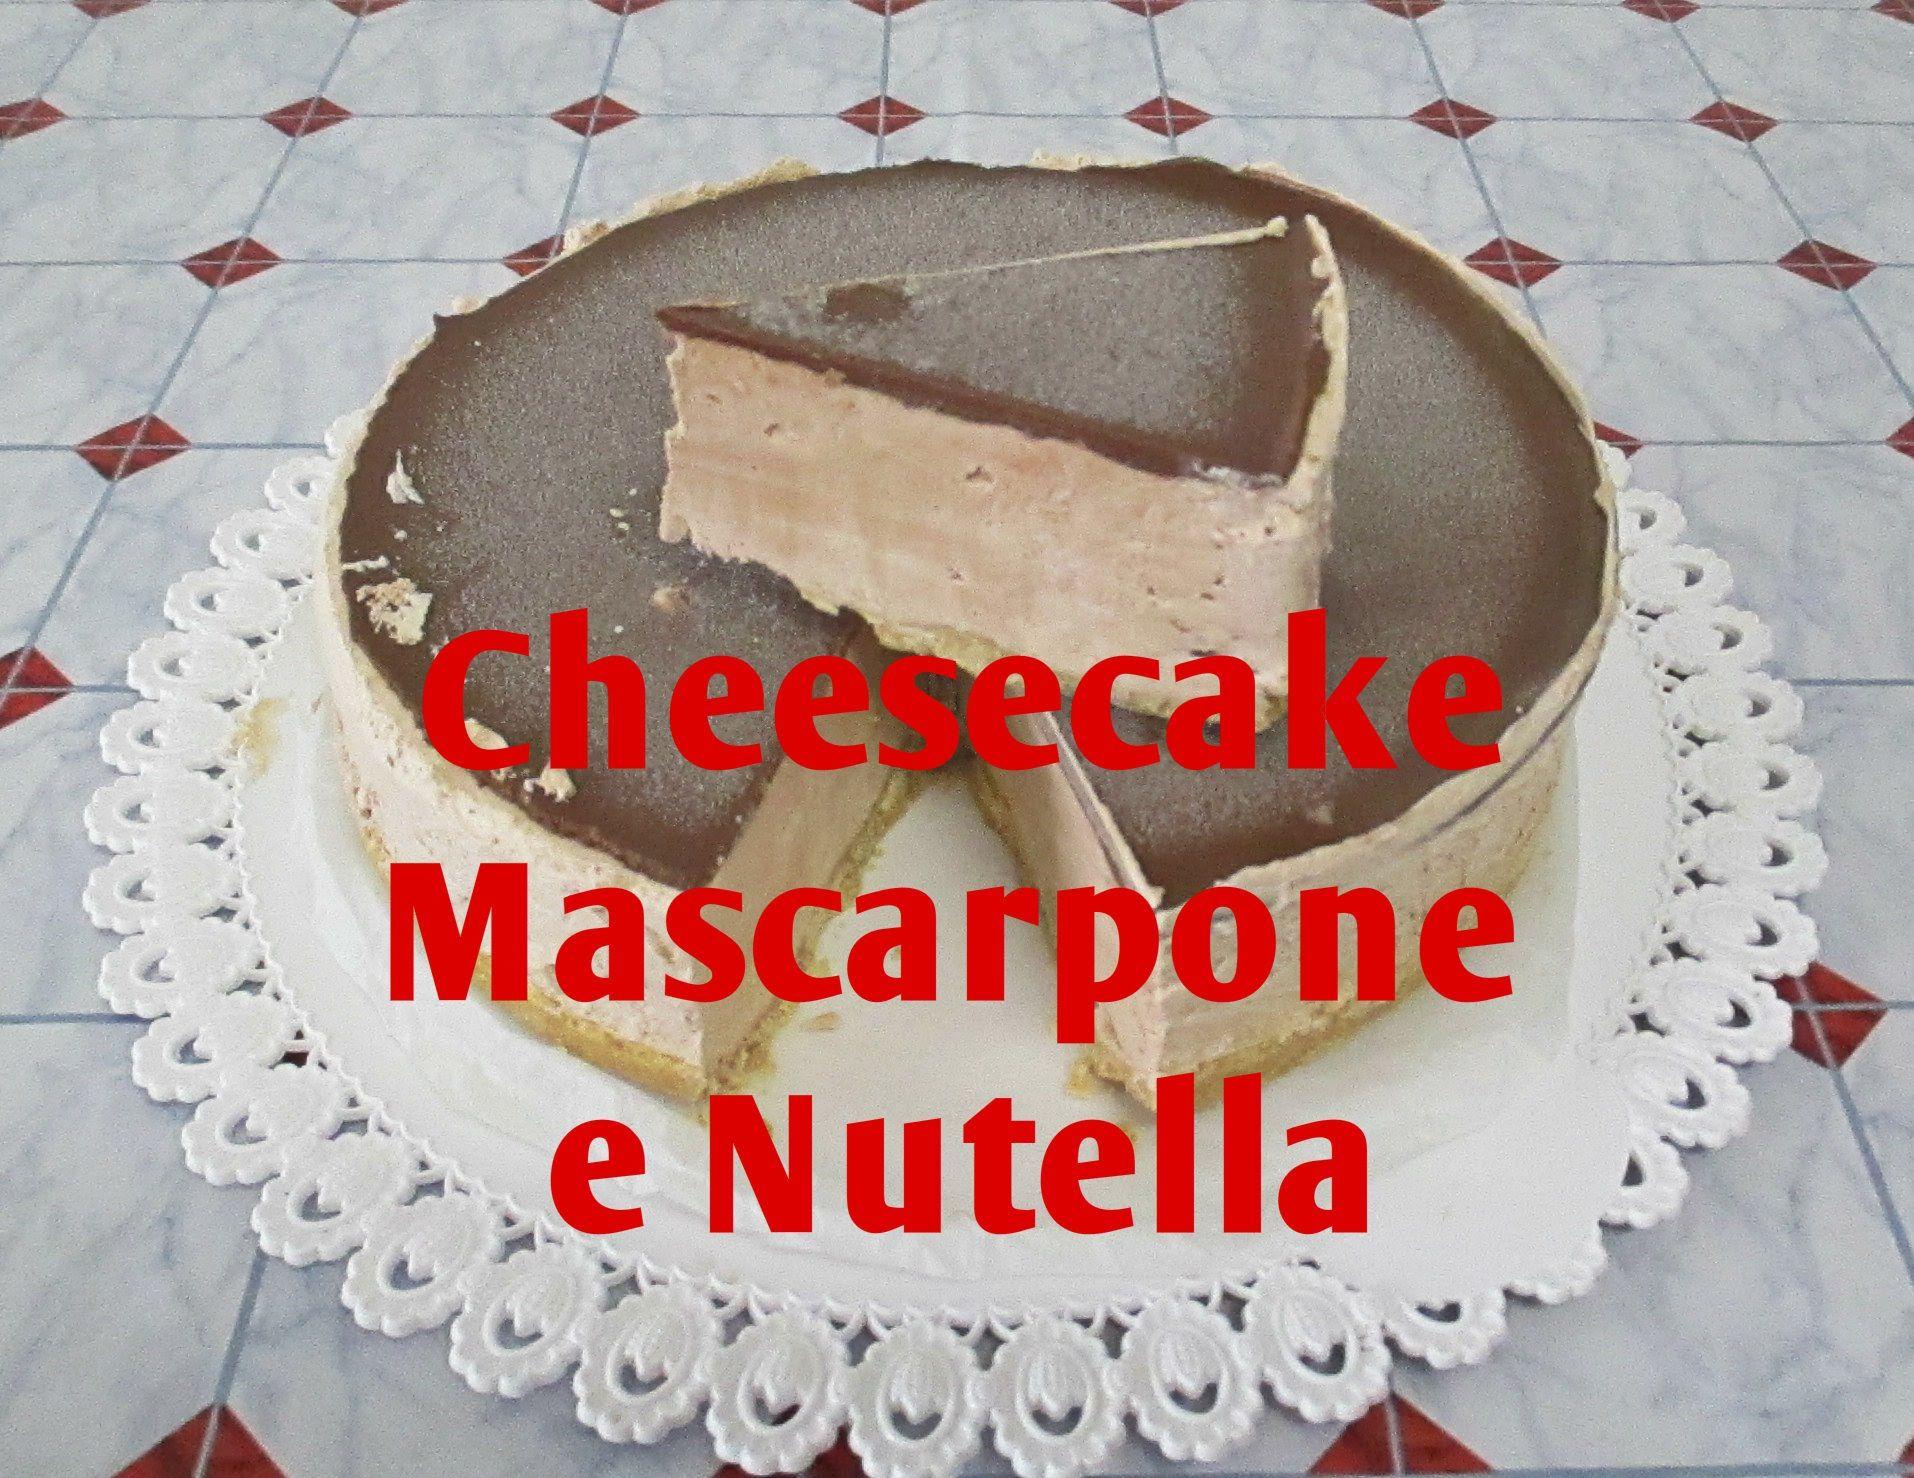 Cheesecake Mascarpone E Nutella Bimby Tm5 Video Bimby Pinterest